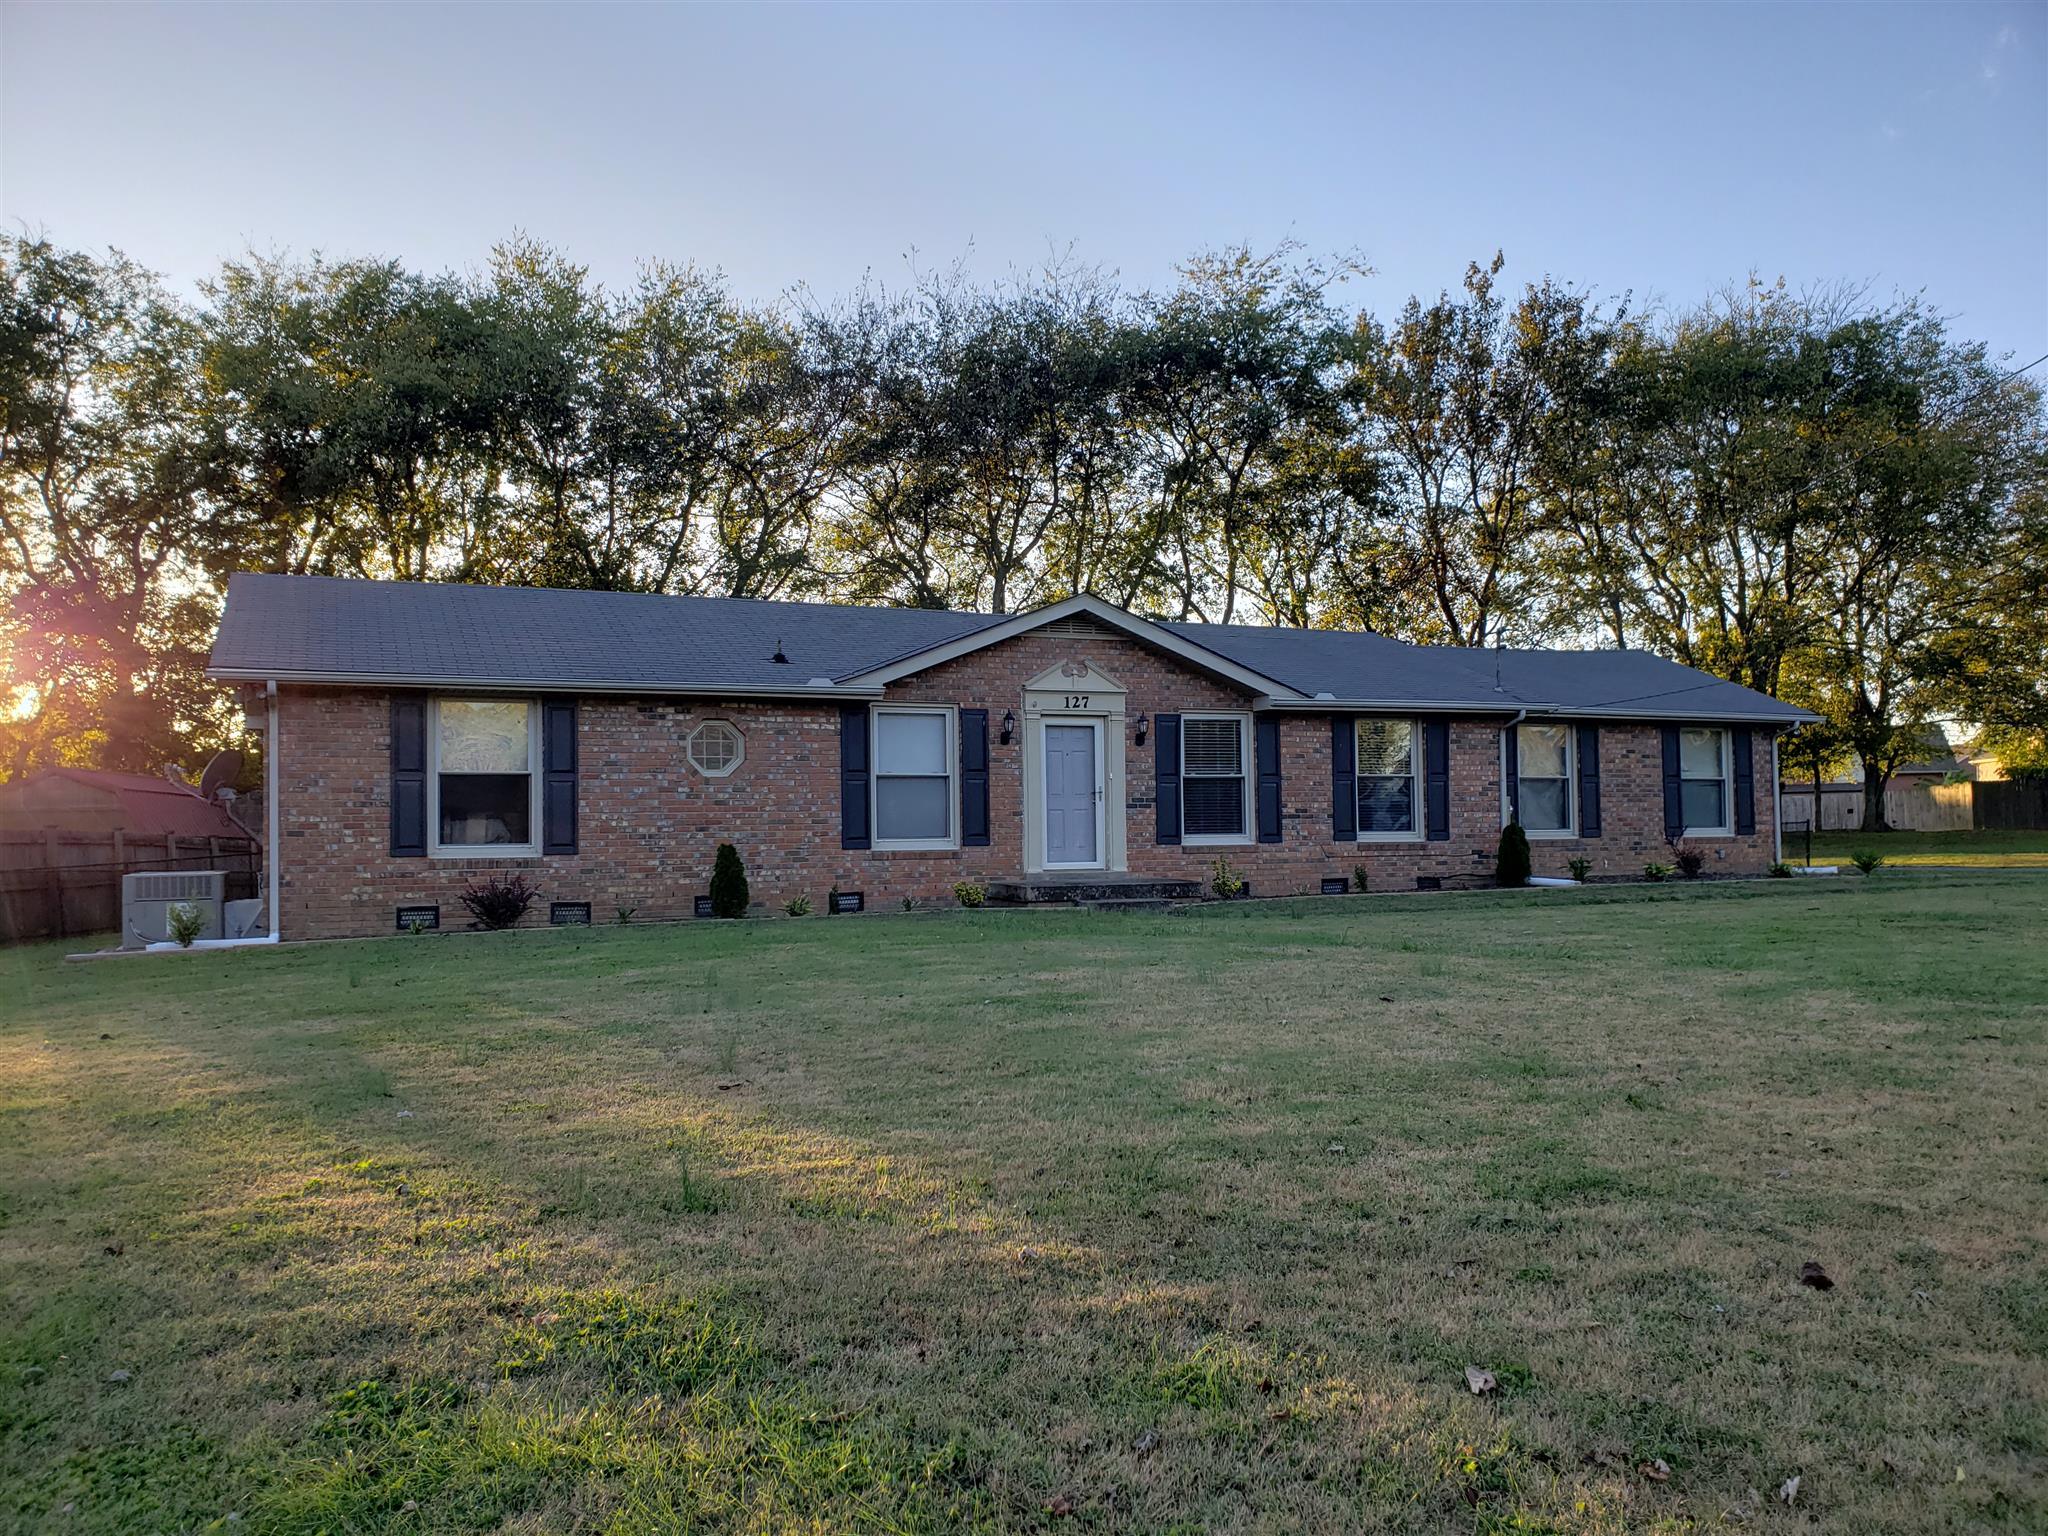 127 Stillhouse Rd, Hendersonville, TN 37075 - Hendersonville, TN real estate listing